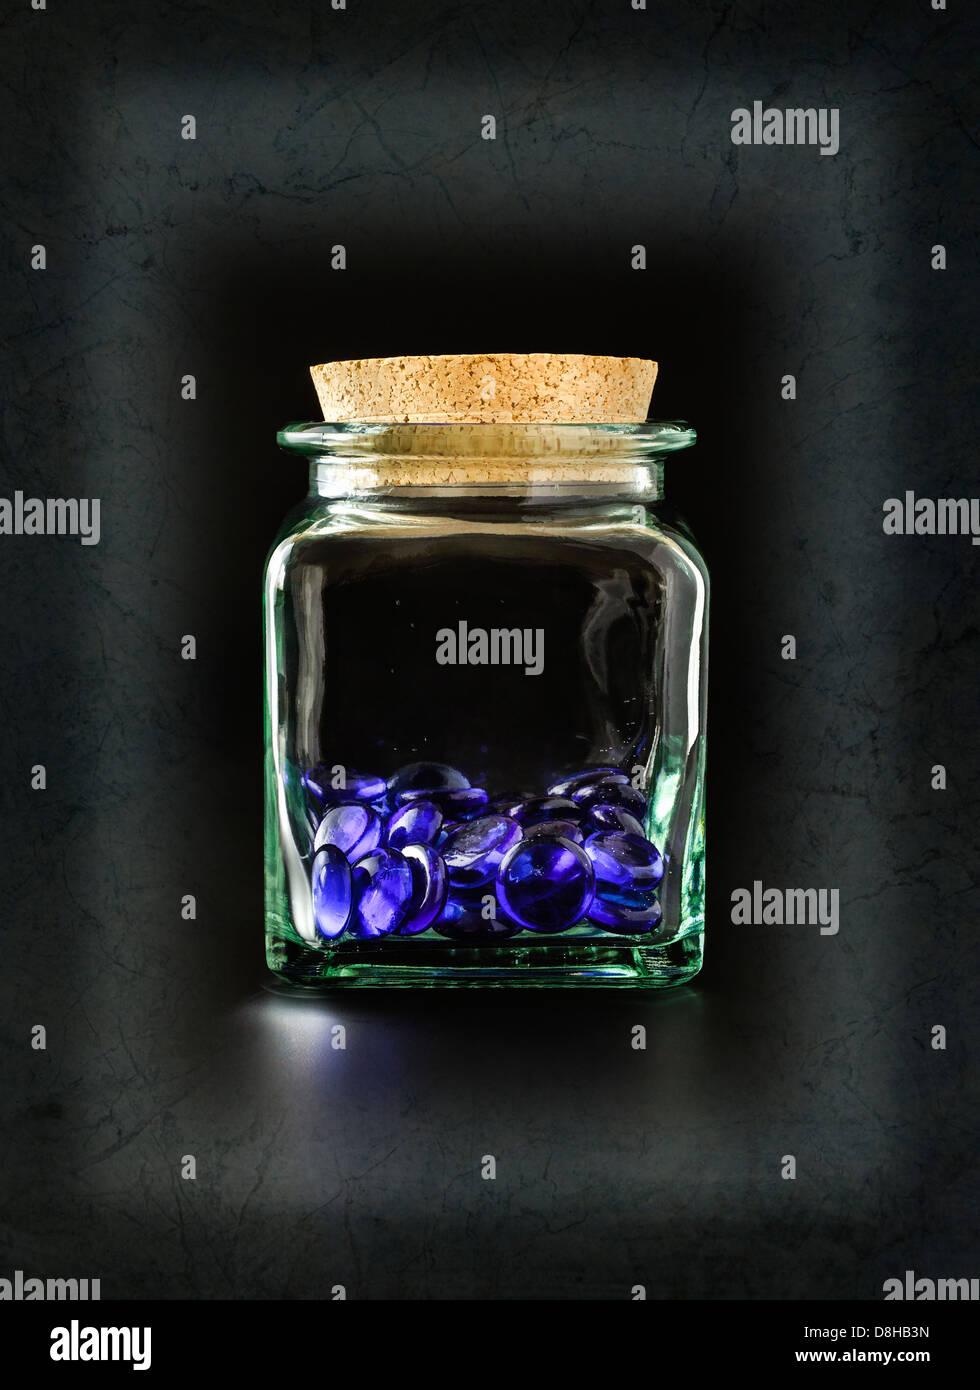 Decorativas piedras de cristal azul en un recipiente de cristal Imagen De Stock